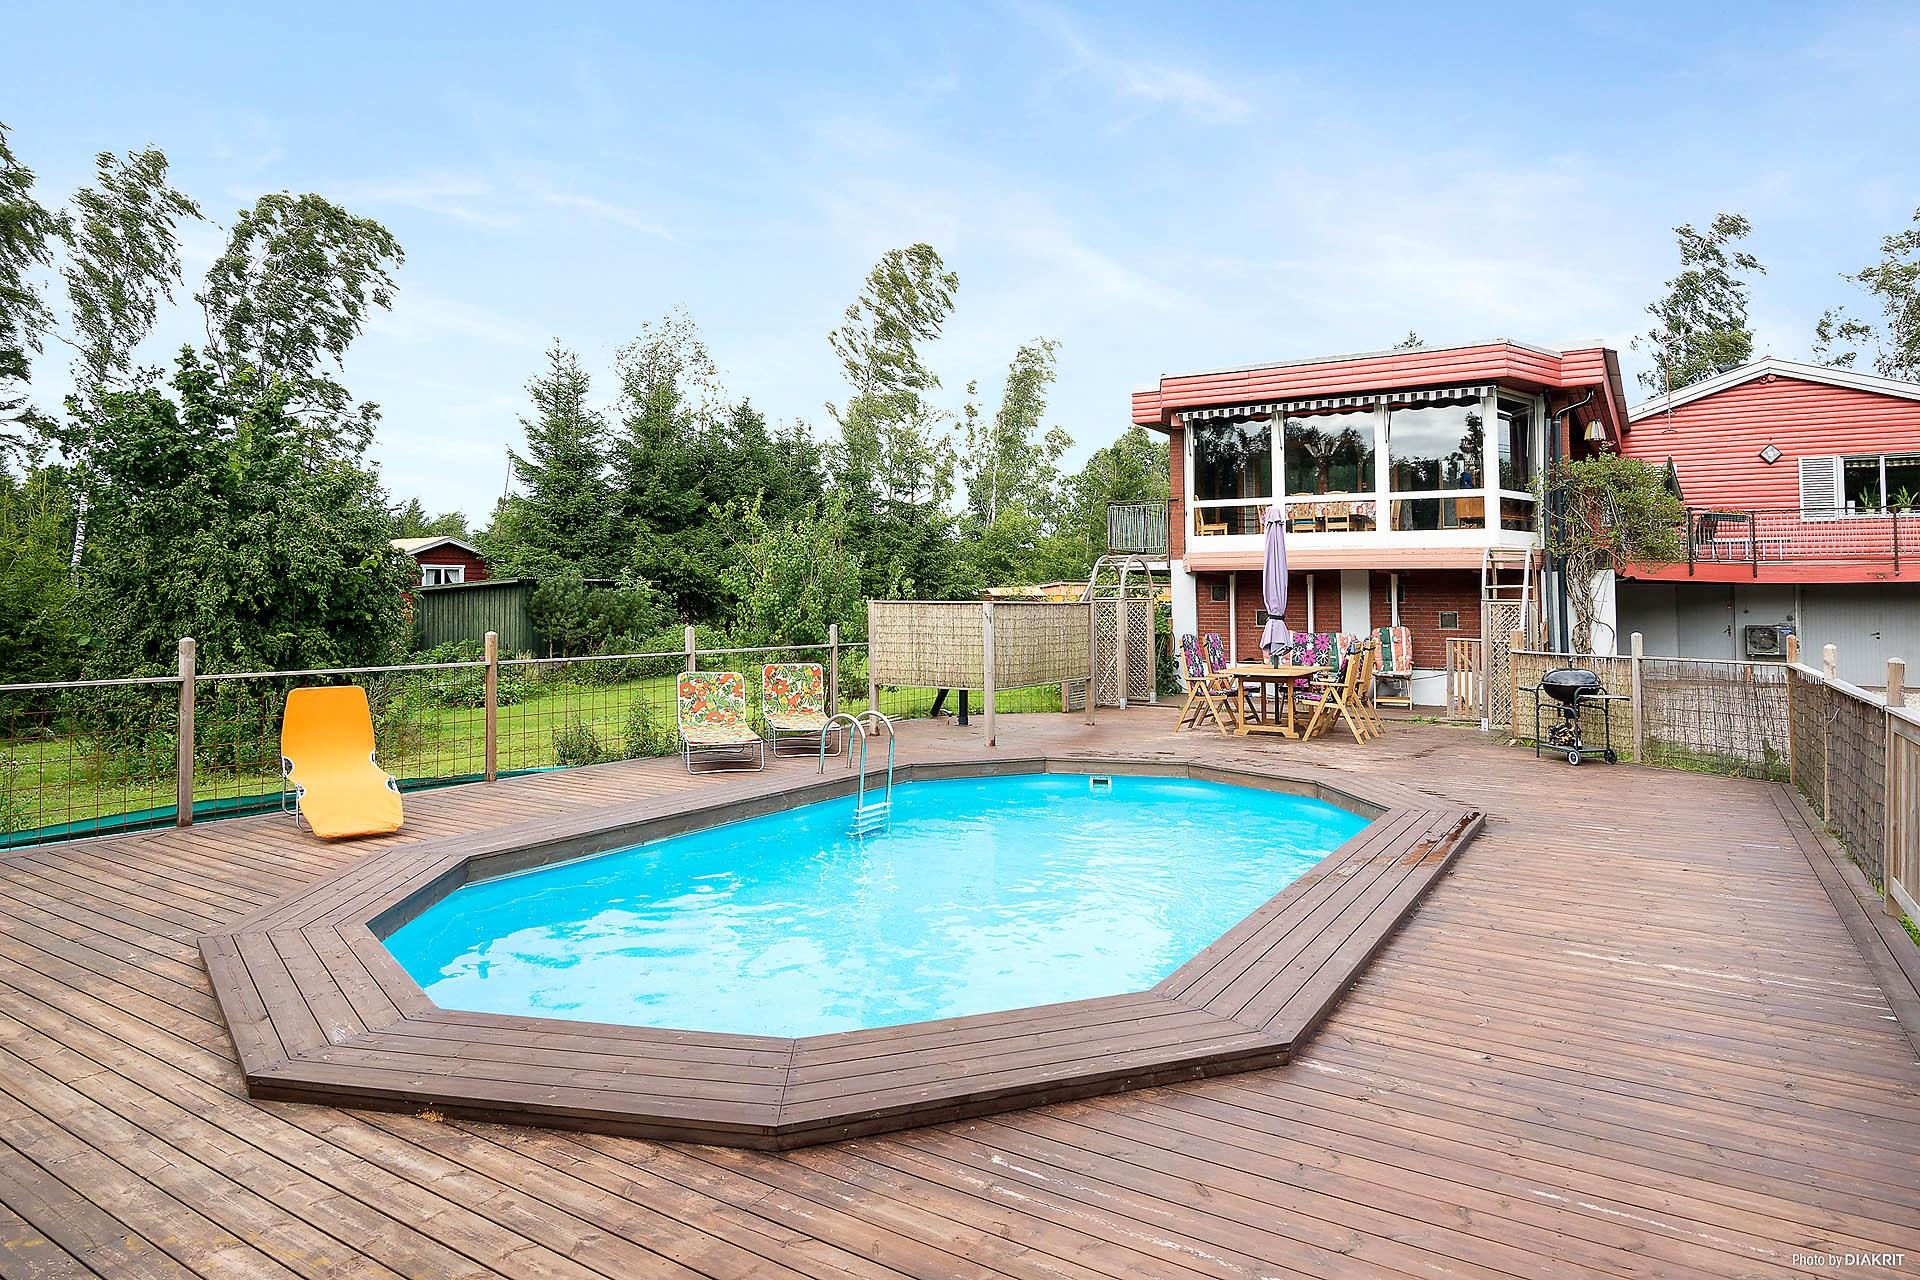 Härligt poolområde med en stor pool och gott om plats för solstolar.